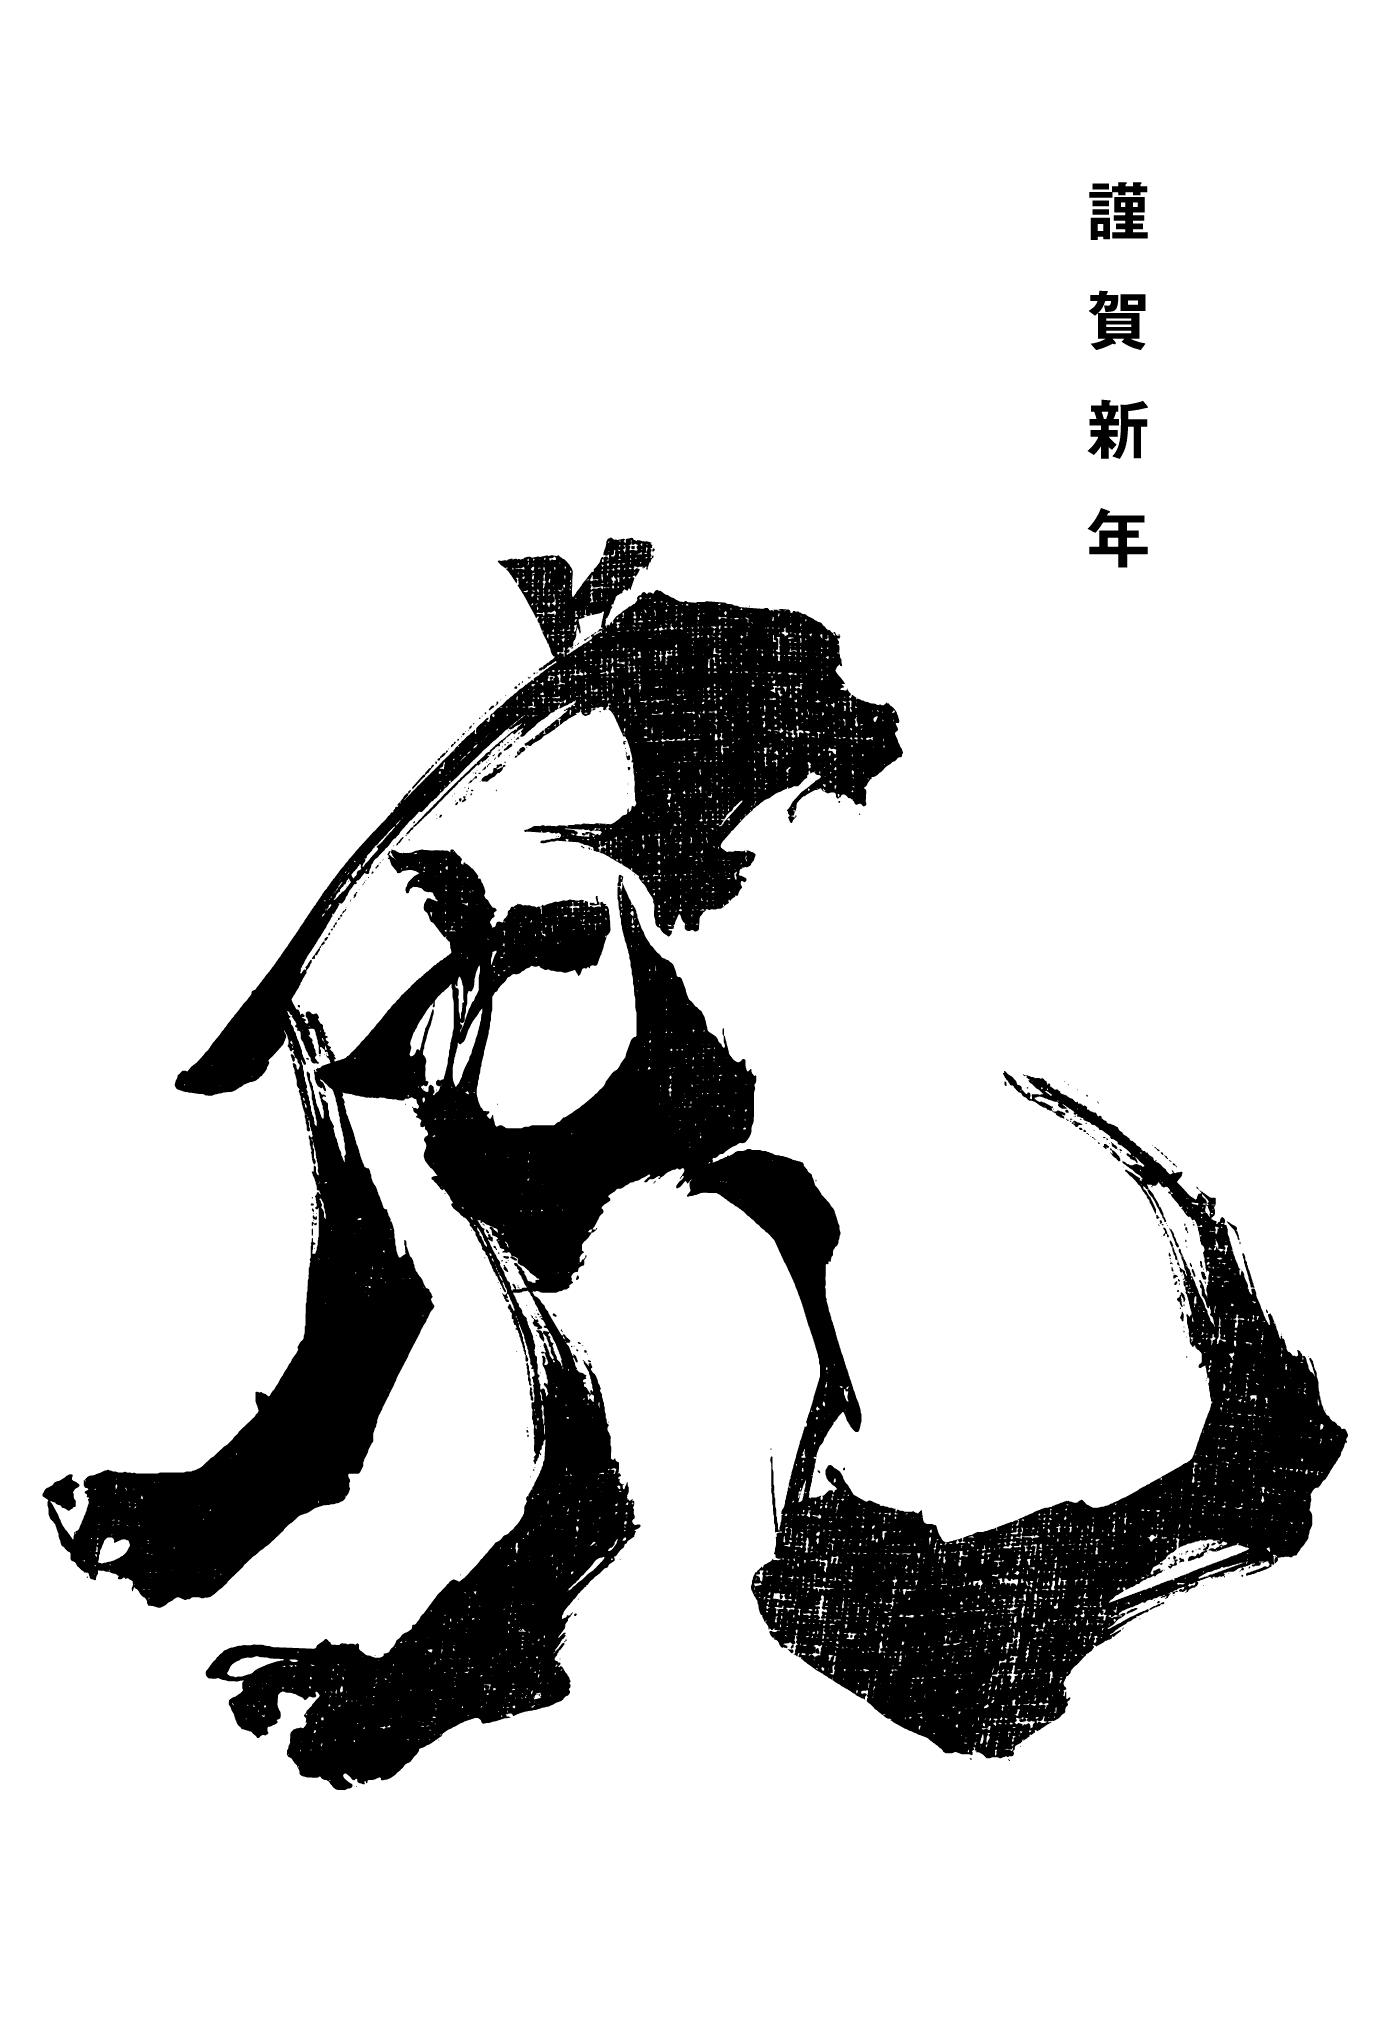 2022年賀状15-2:虎 Calligraphy / 立虎A(黒)のダウンロード画像